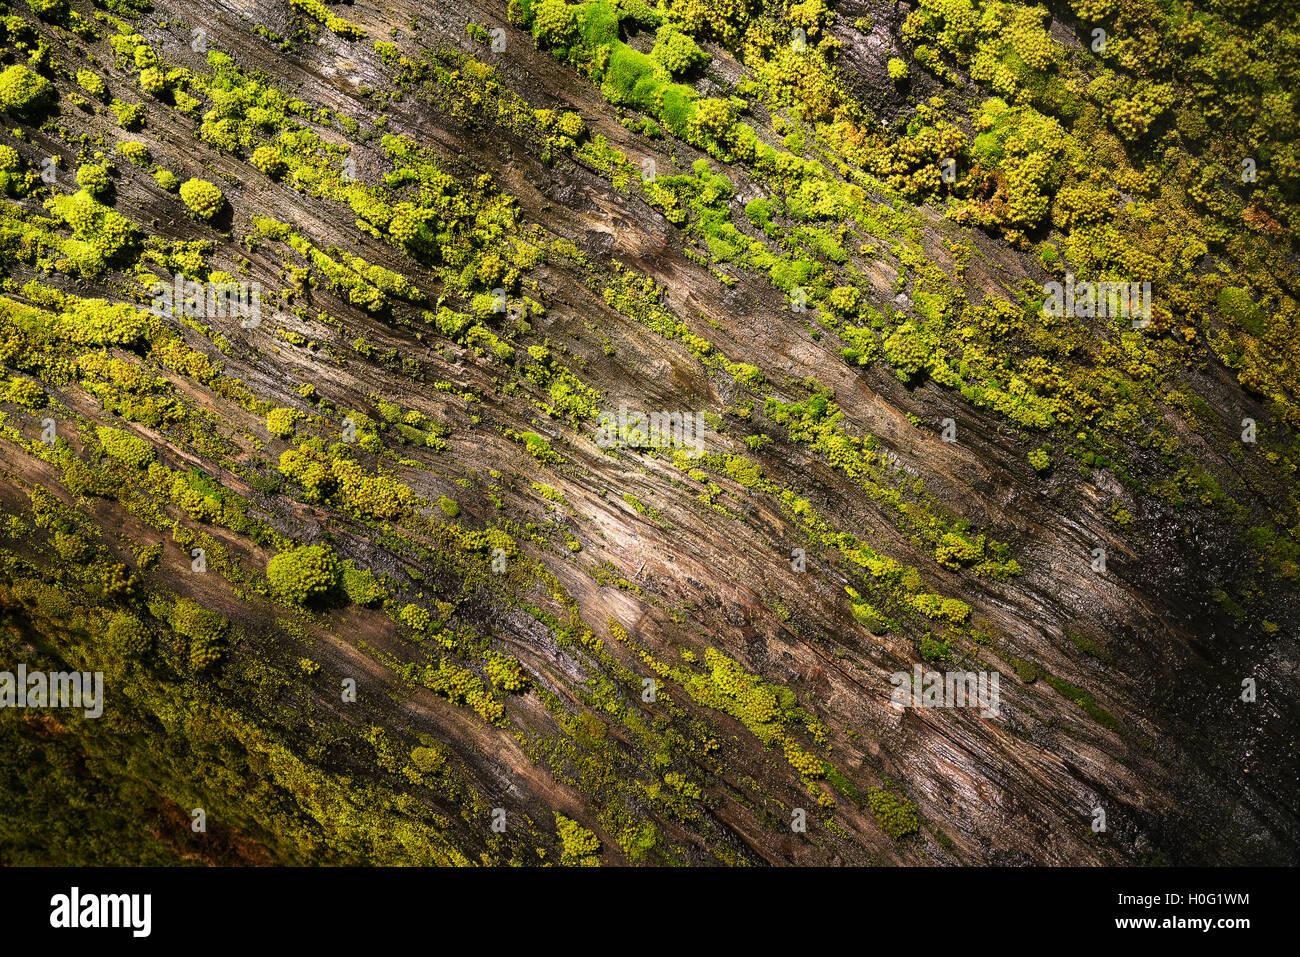 Moos bedeckte Mammutbaum im Sequoia National Park Stockbild